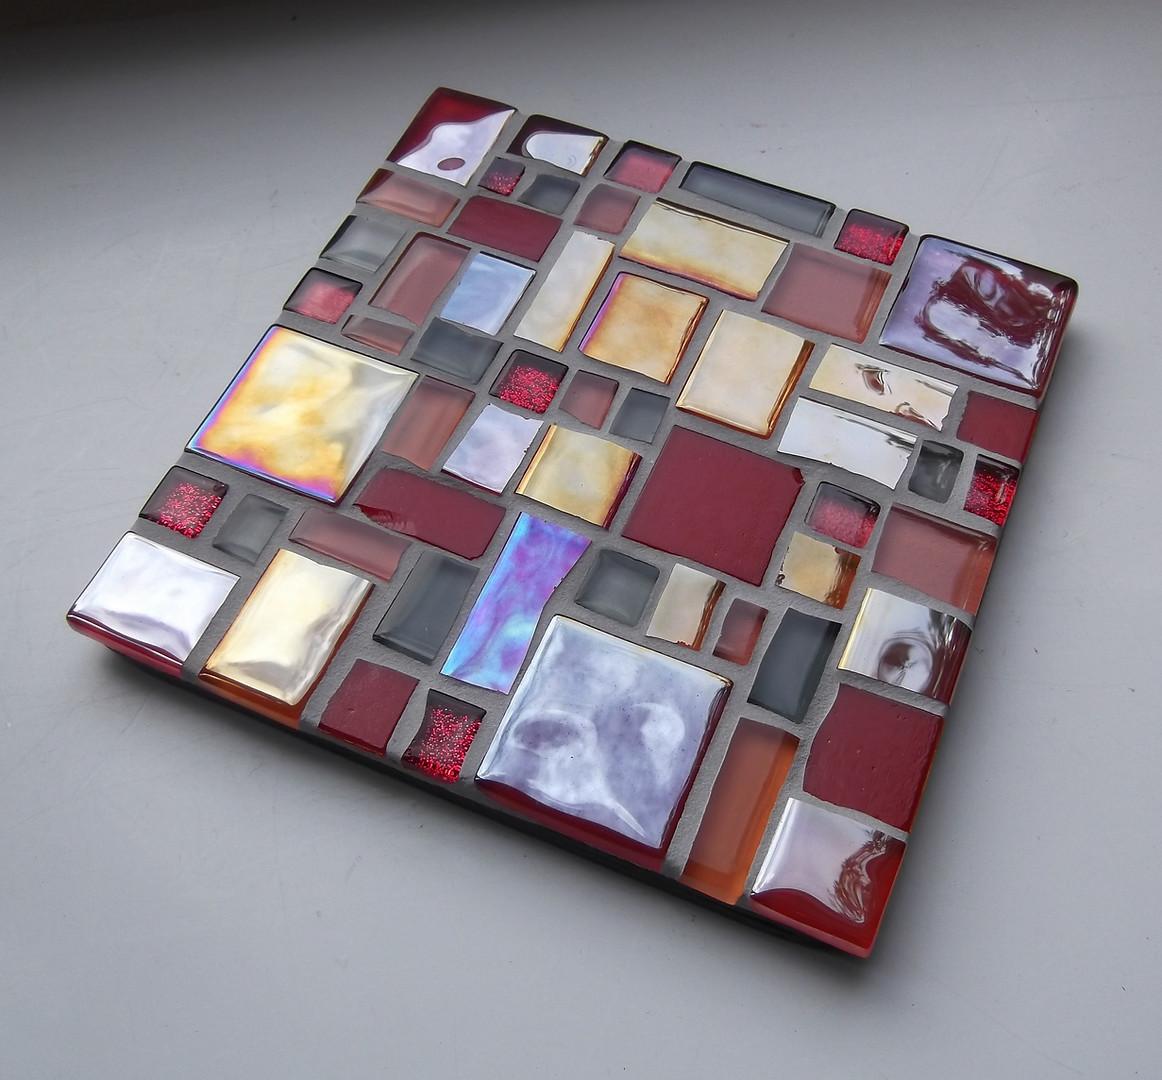 CS24  Red Shimmer  £11 each